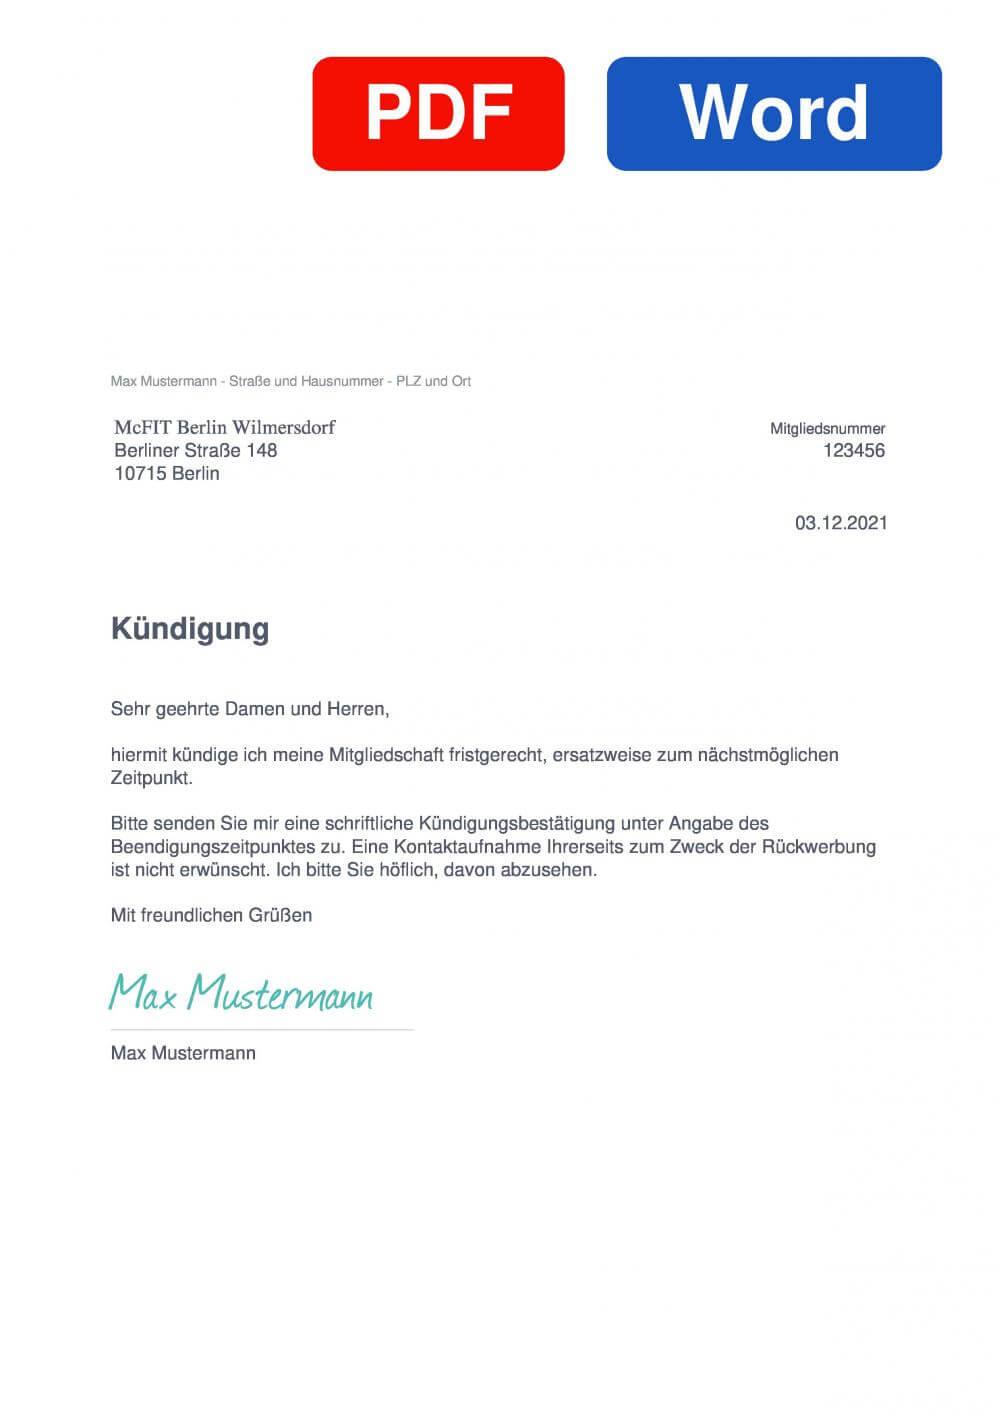 McFIT Berlin-Wilmersdorf Muster Vorlage für Kündigungsschreiben